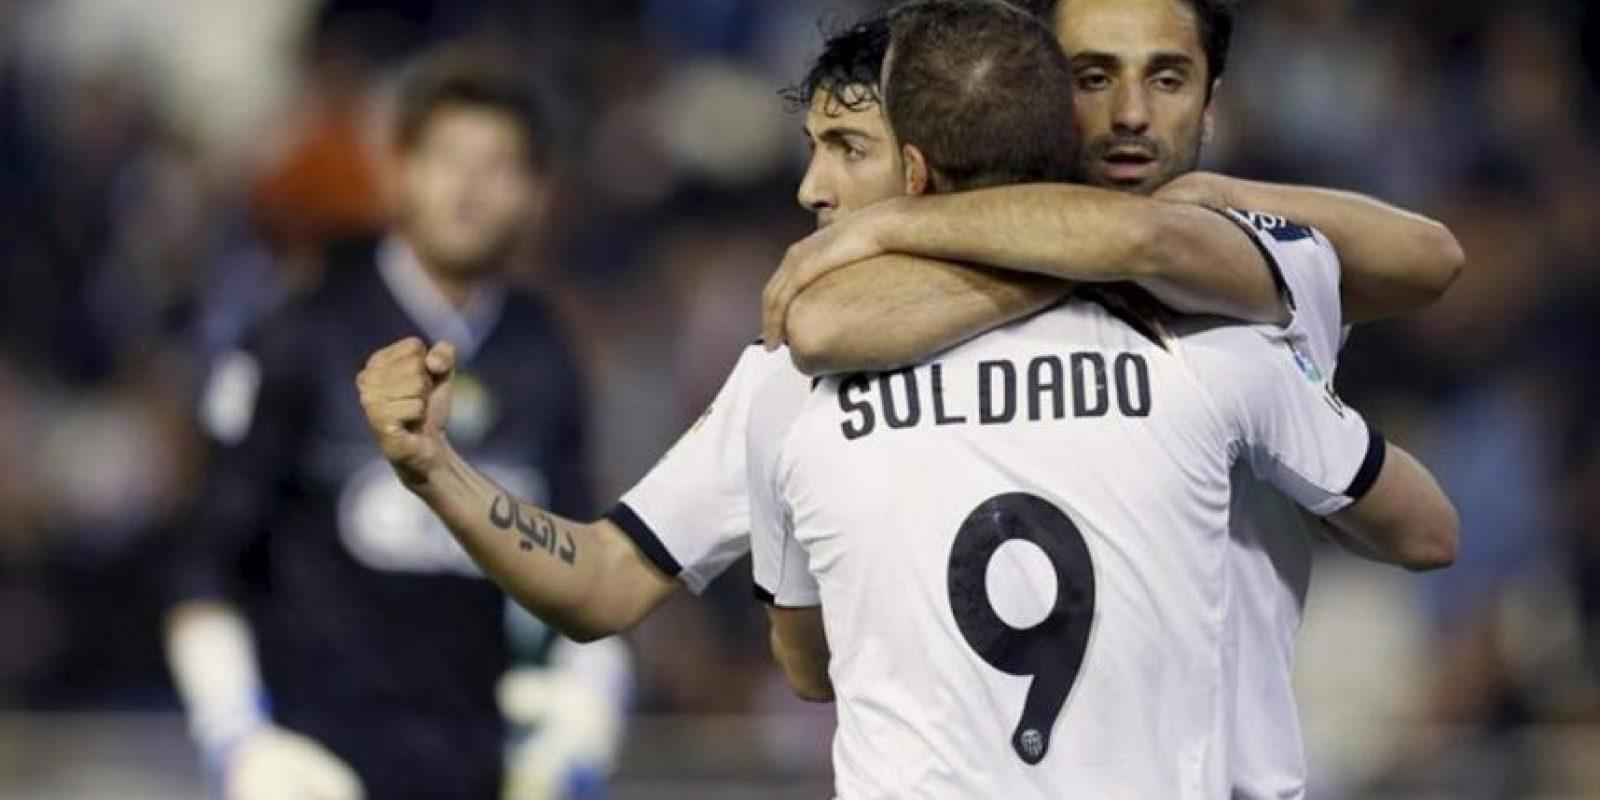 El delantero brasileño del Valencia CF Jonas Gonçalves (d) celebra su gol, primero de su equipo, junto a sus compañeros Dani Parejo (i) y Roberto Soldado durante el partido, correspondiente a la trigésimo quinta jornada de Liga de Primera División, en el estadio de Mestalla. EFE